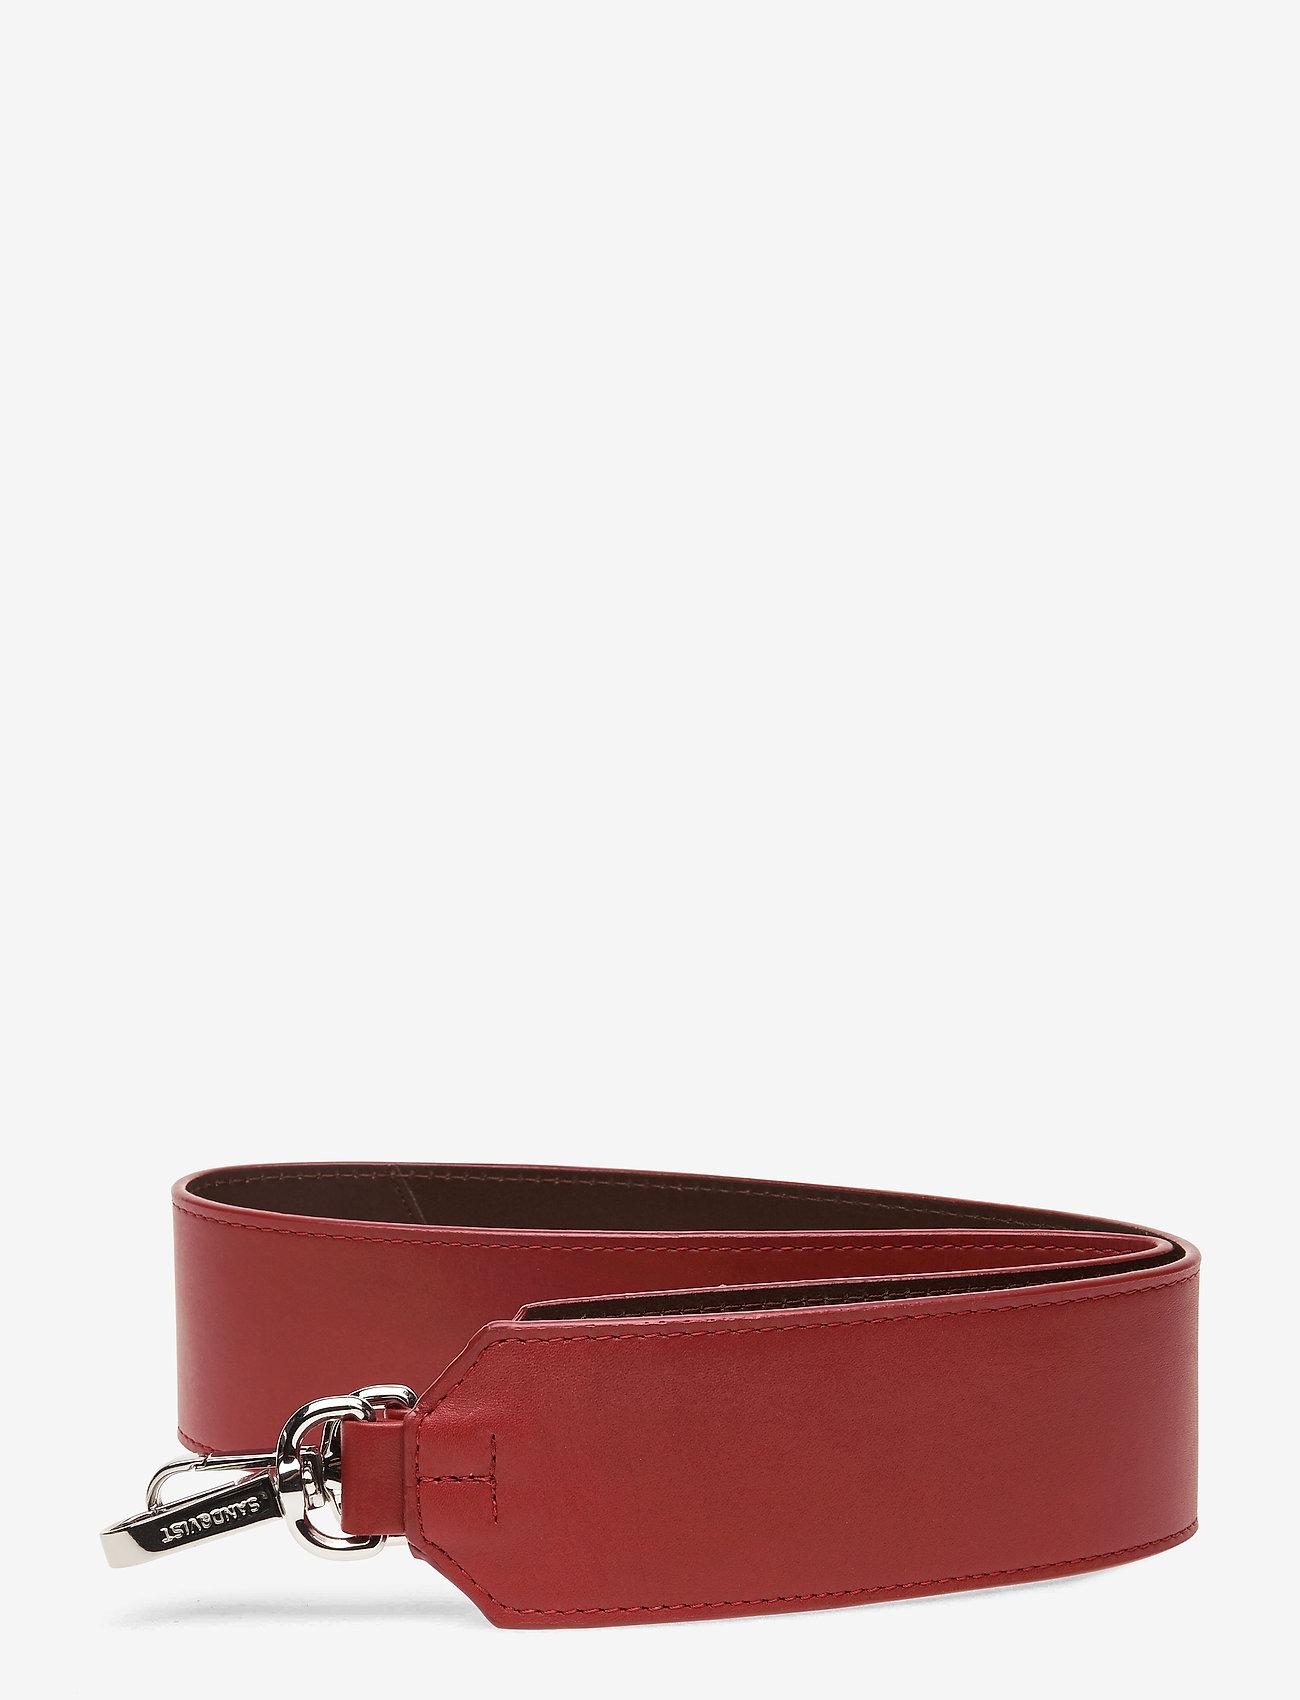 SANDQVIST - SHOULDER STRAP LEATHER - väskor - red / dark brown - 0